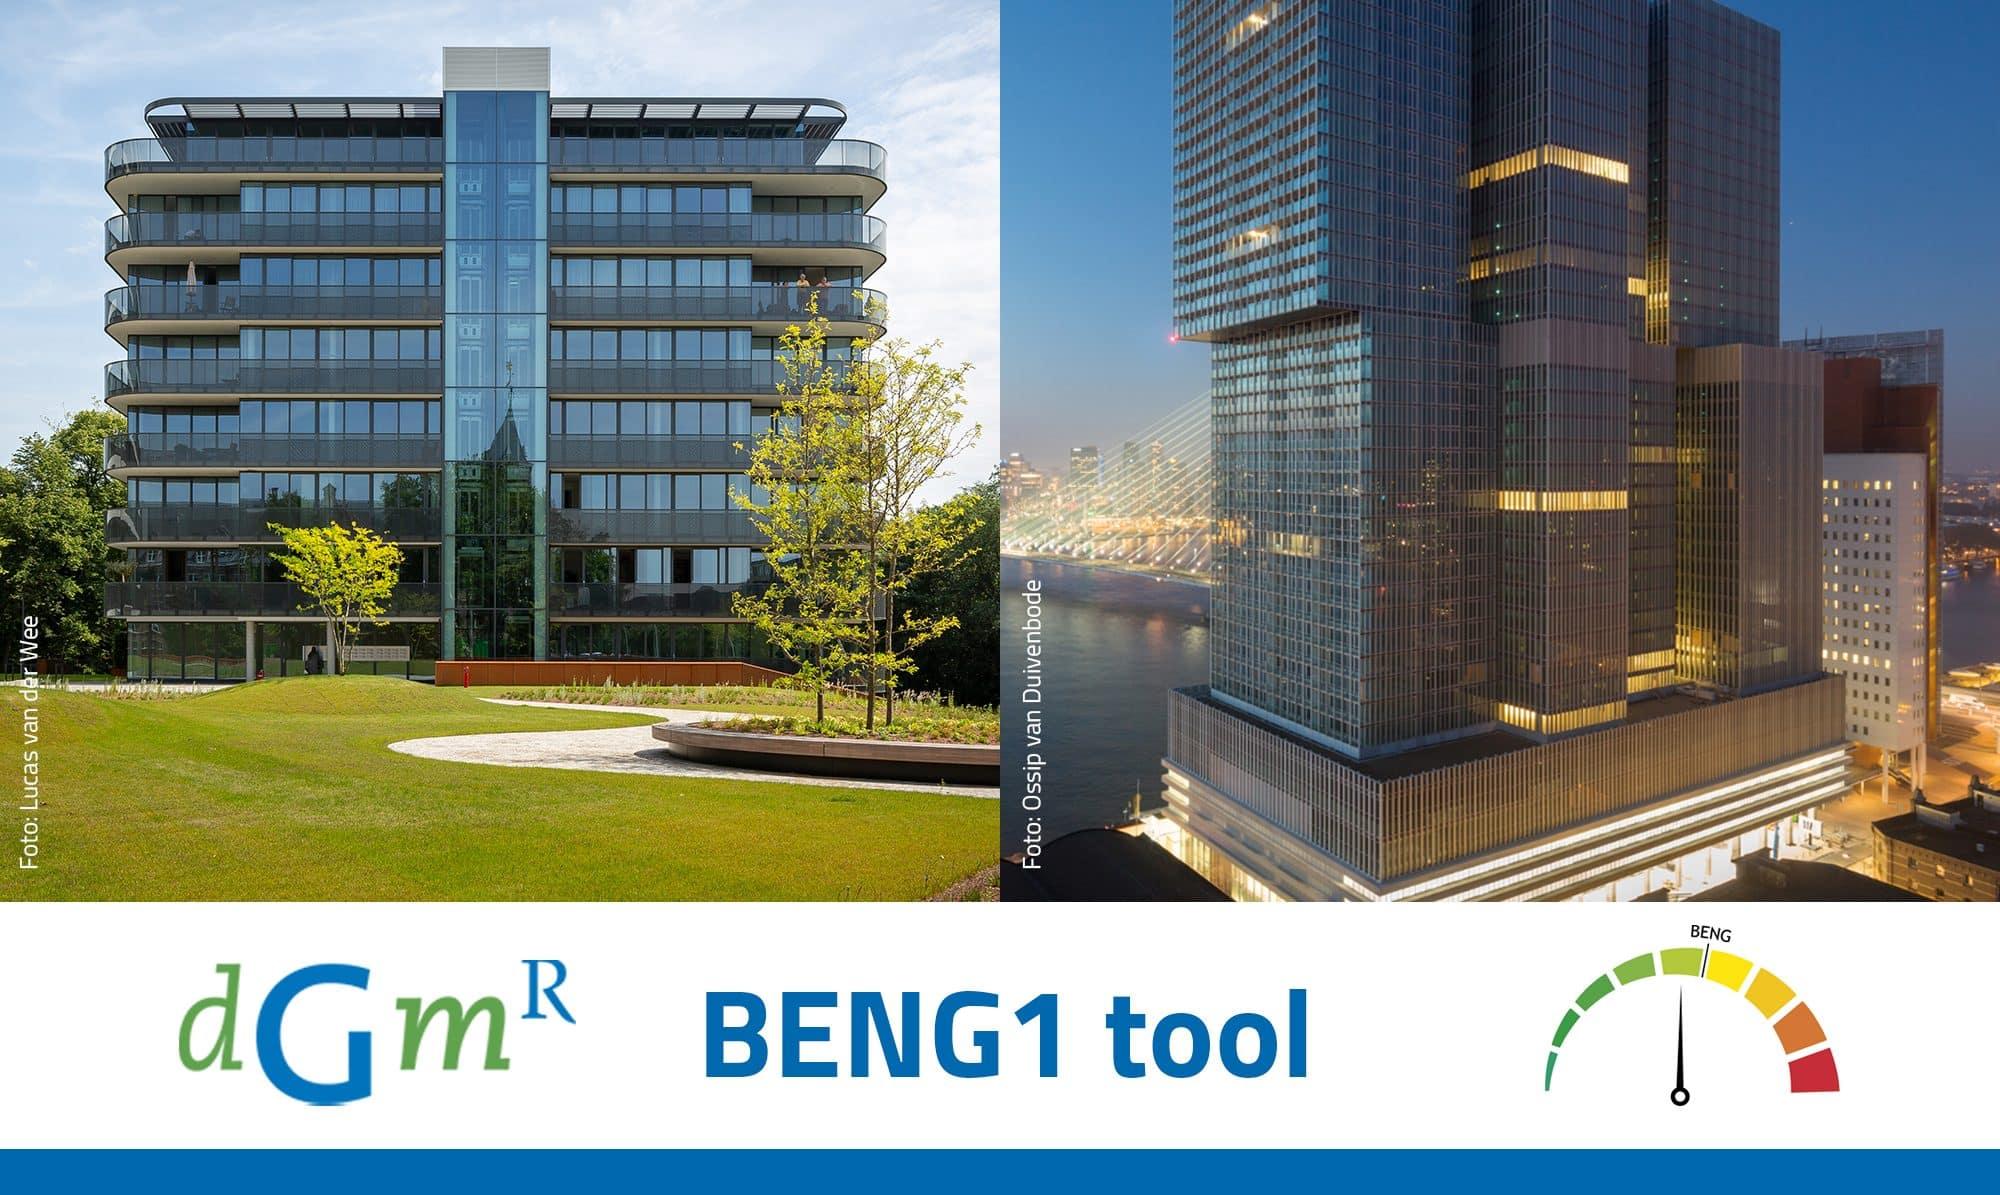 Ontwerpen met de nieuwe BENG1 tool van DGMR